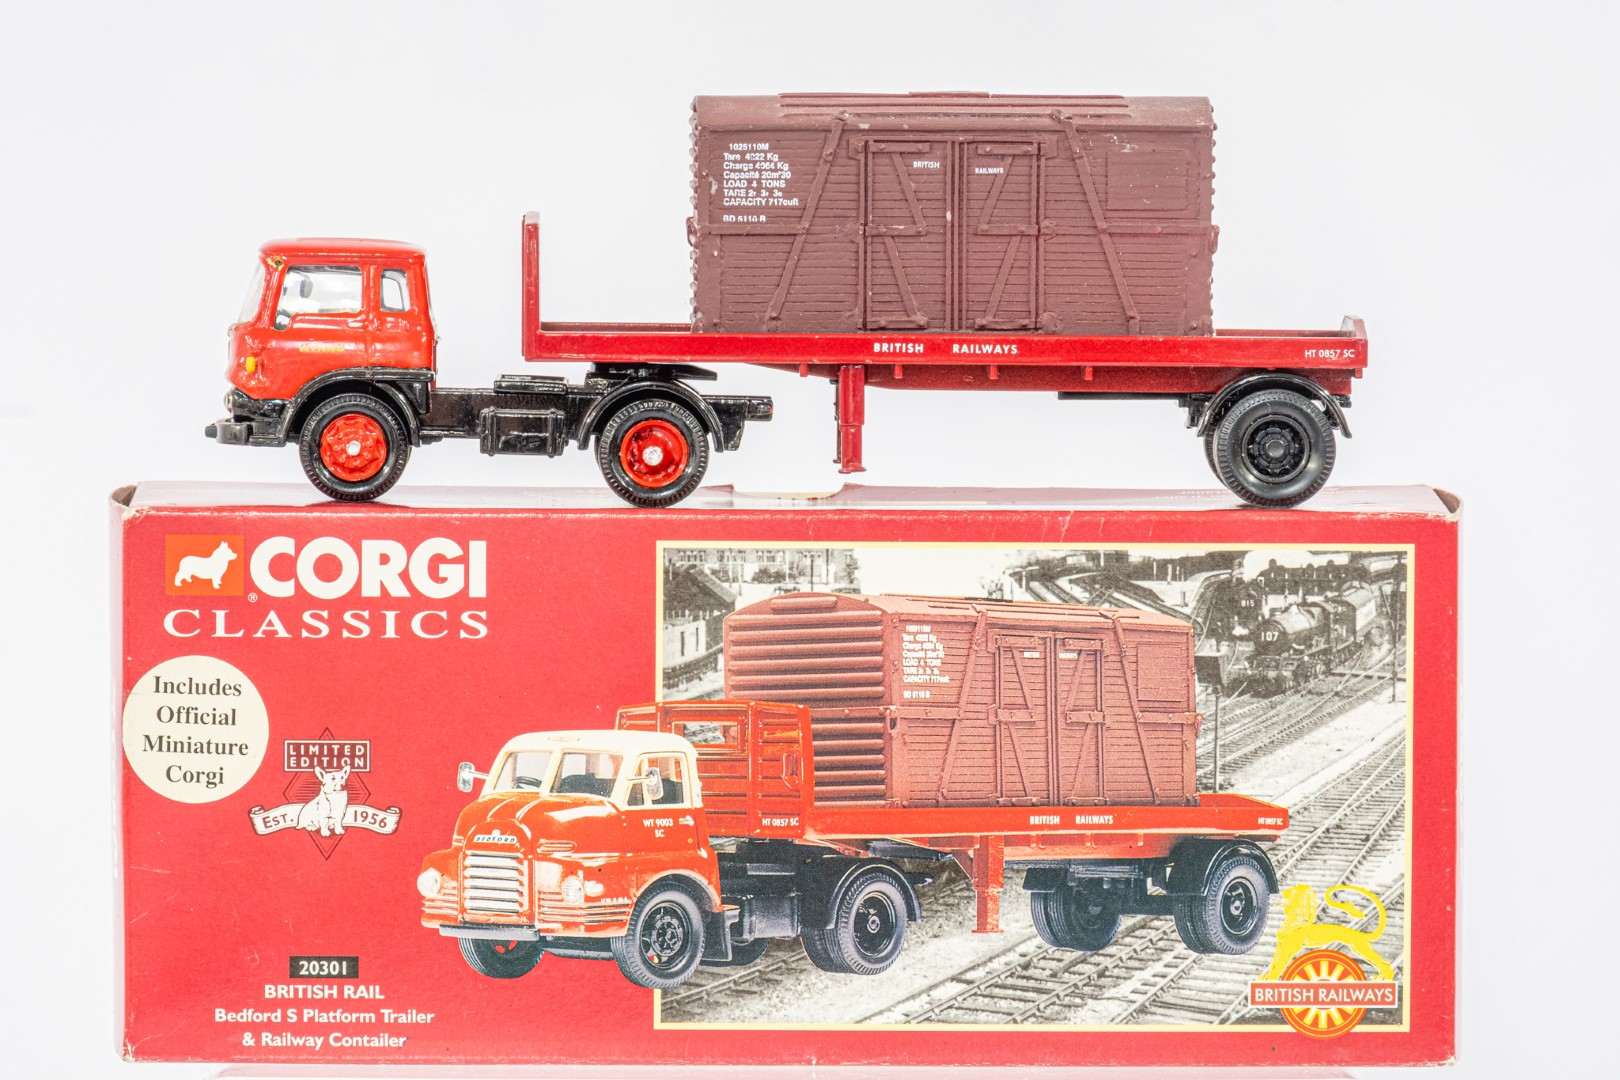 Corgi Bedford S Platform Trailer & Railway Contailer - British Rail / Plaxton Paramount - Shearings - Image 2 of 4